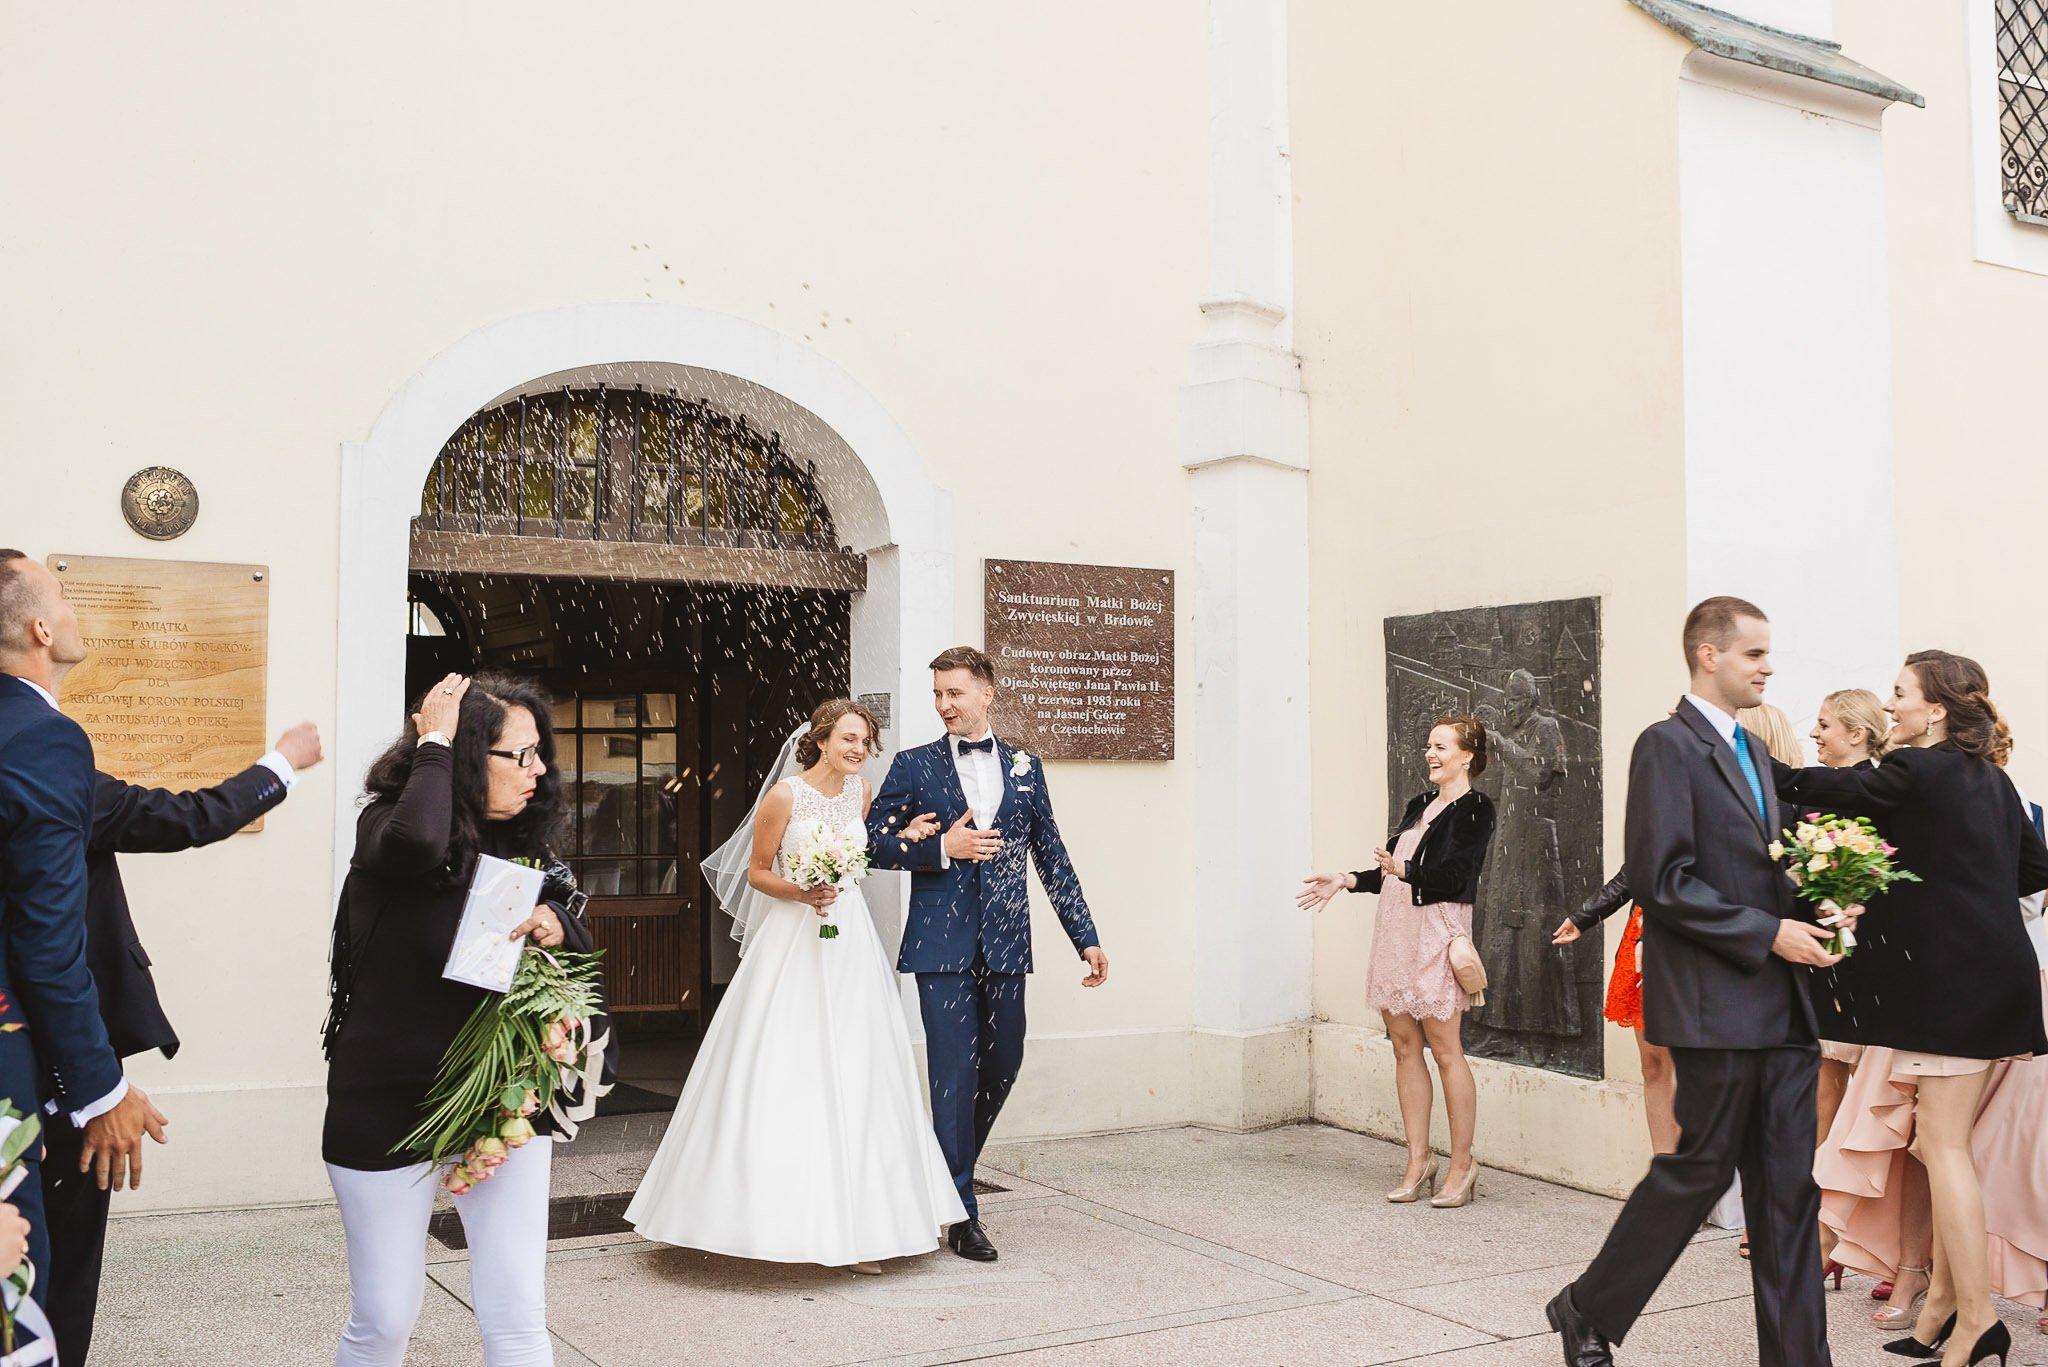 Monika i Michał, wesele w Paryżu i sesja plenerowa w stadninie koni w Czołowie 146